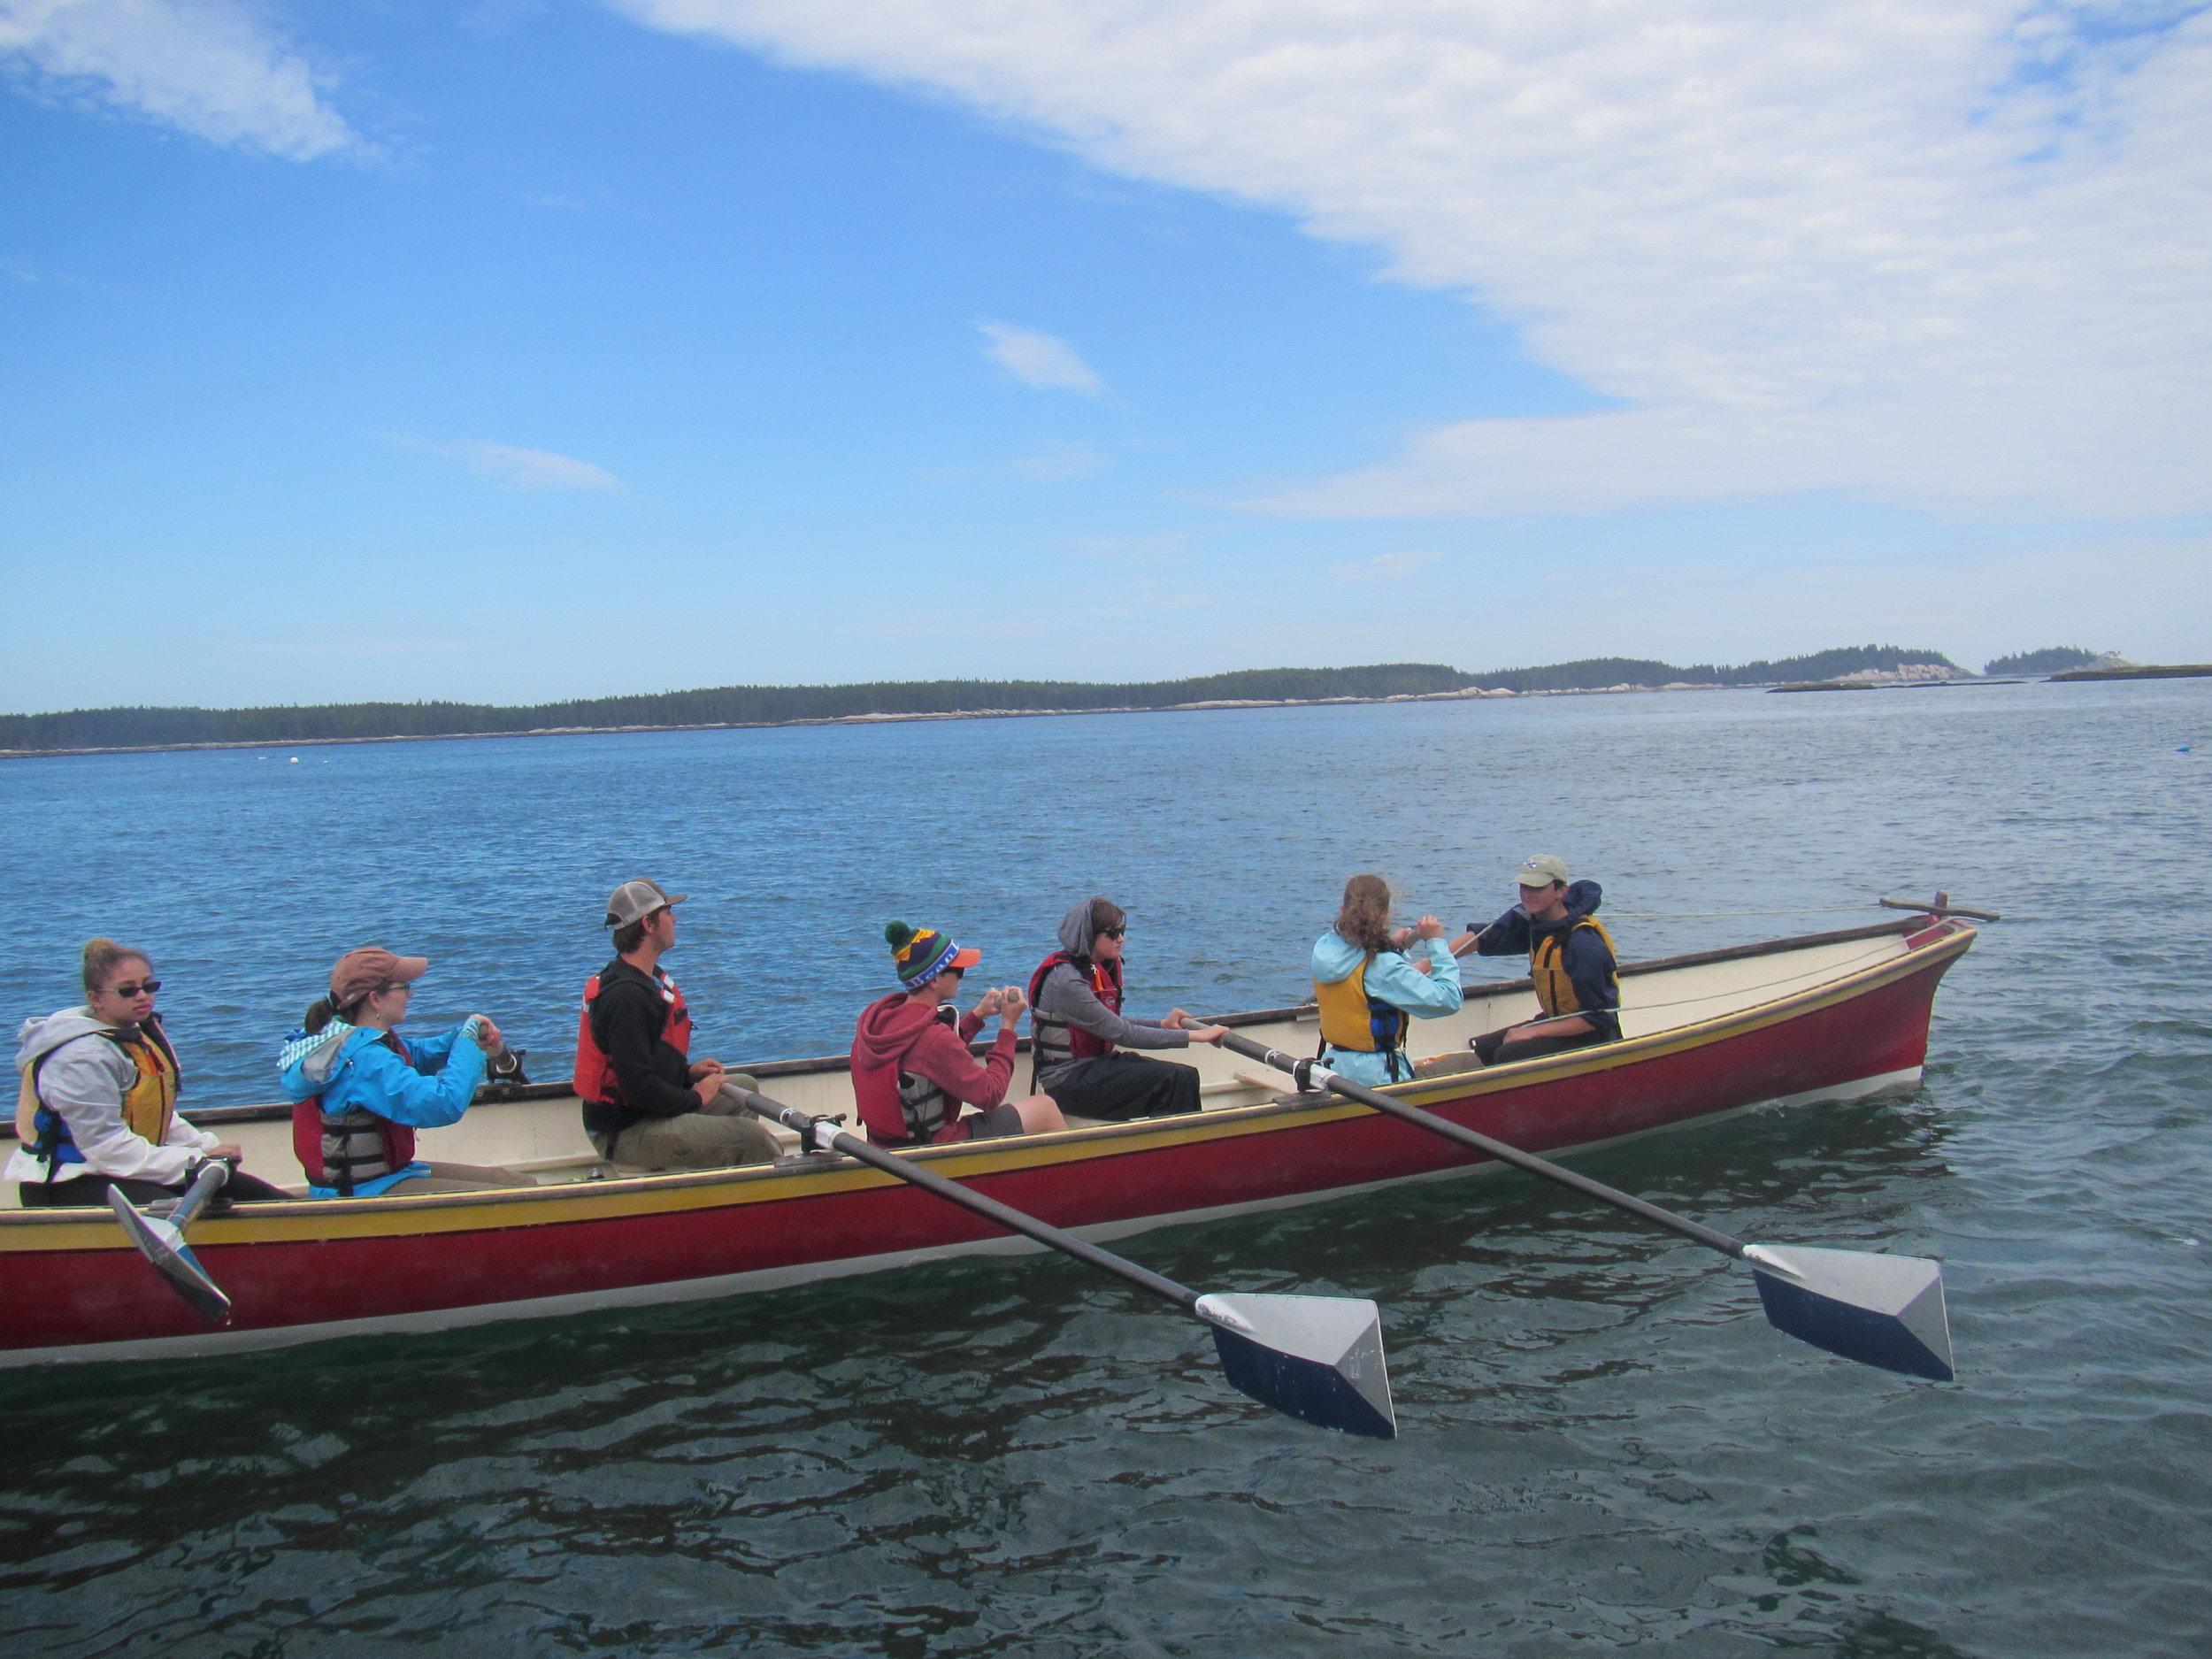 Scenic rowing in Penobscot Bay